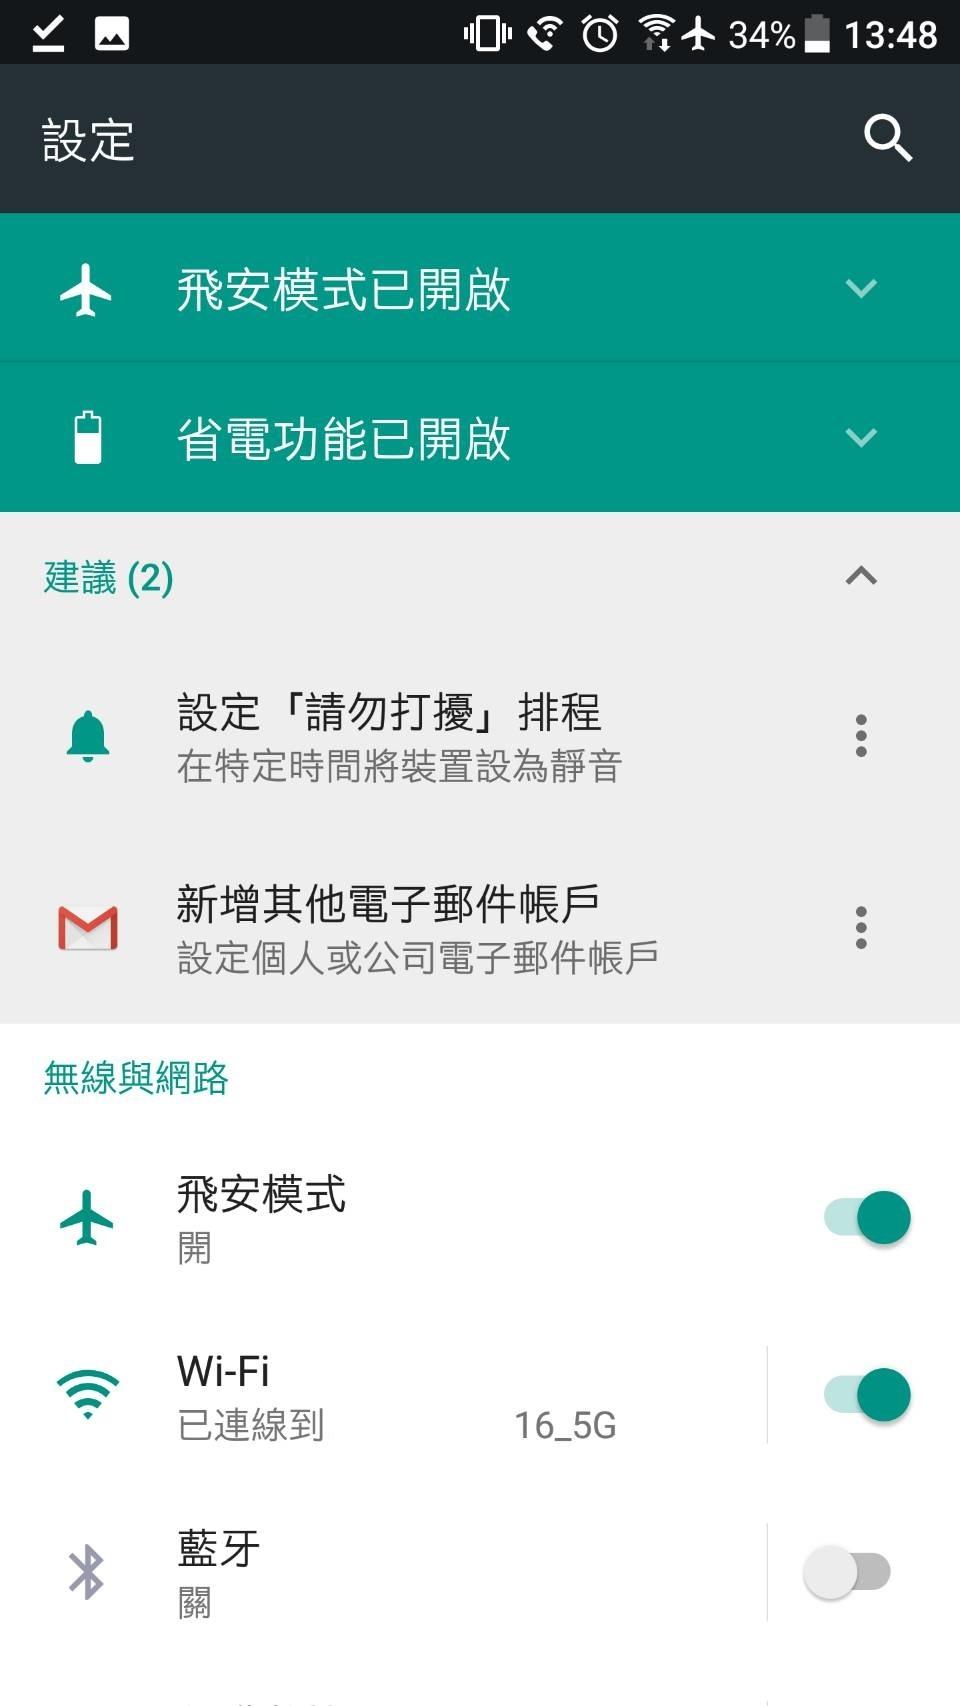 遠傳發簡訊通知VoLTE和VoWiFi試用體驗 - Mobile01